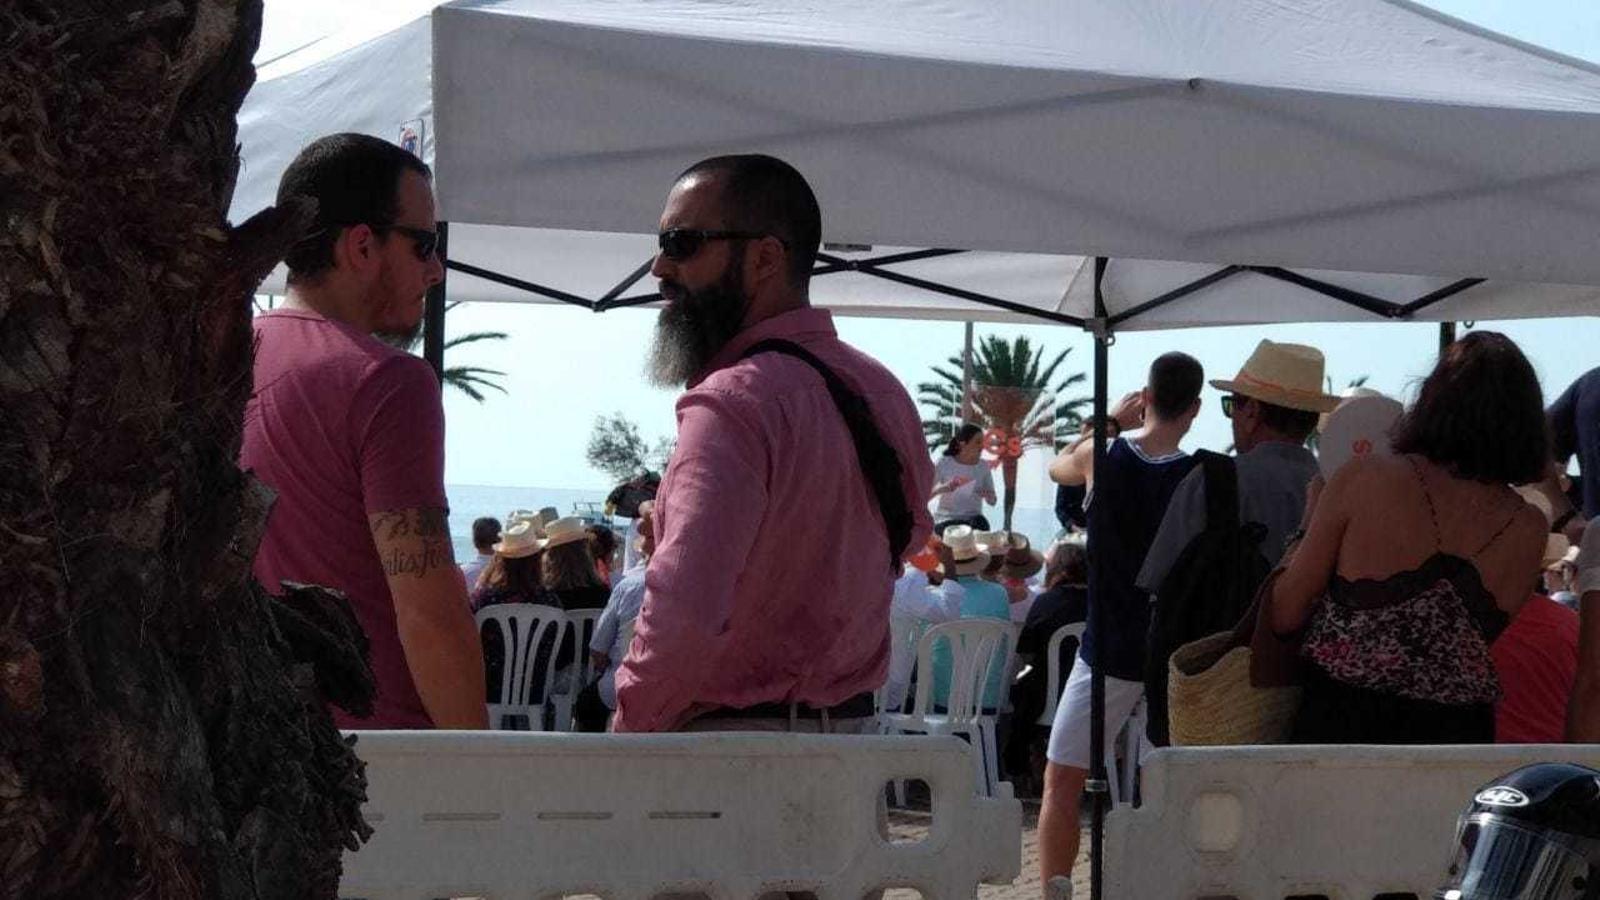 Dos policies locals de Palma, fora de servei, controlen els accessos de l'acte de Ciutadans